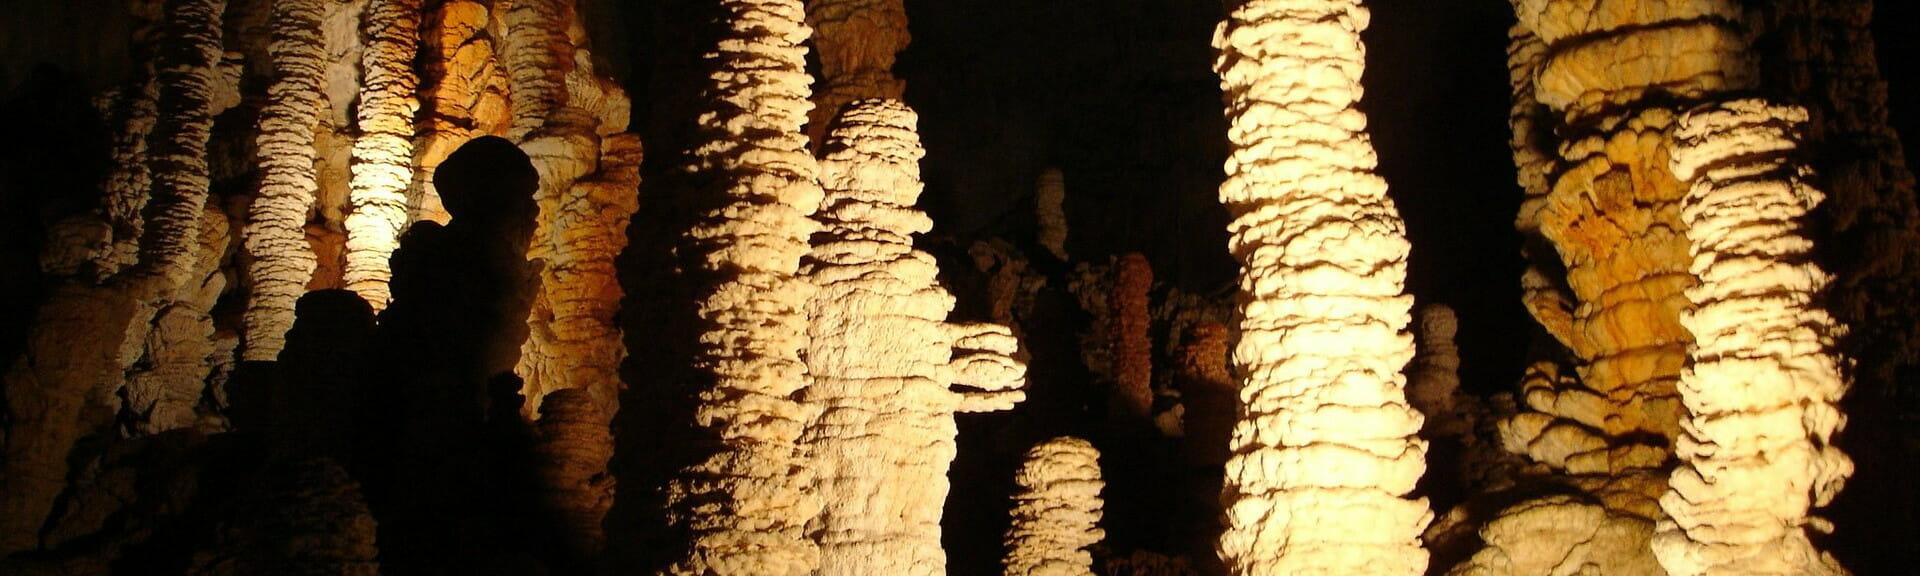 Klassenfahrt Ardèche Tropfsteinhöhle Aven d'Orgnac